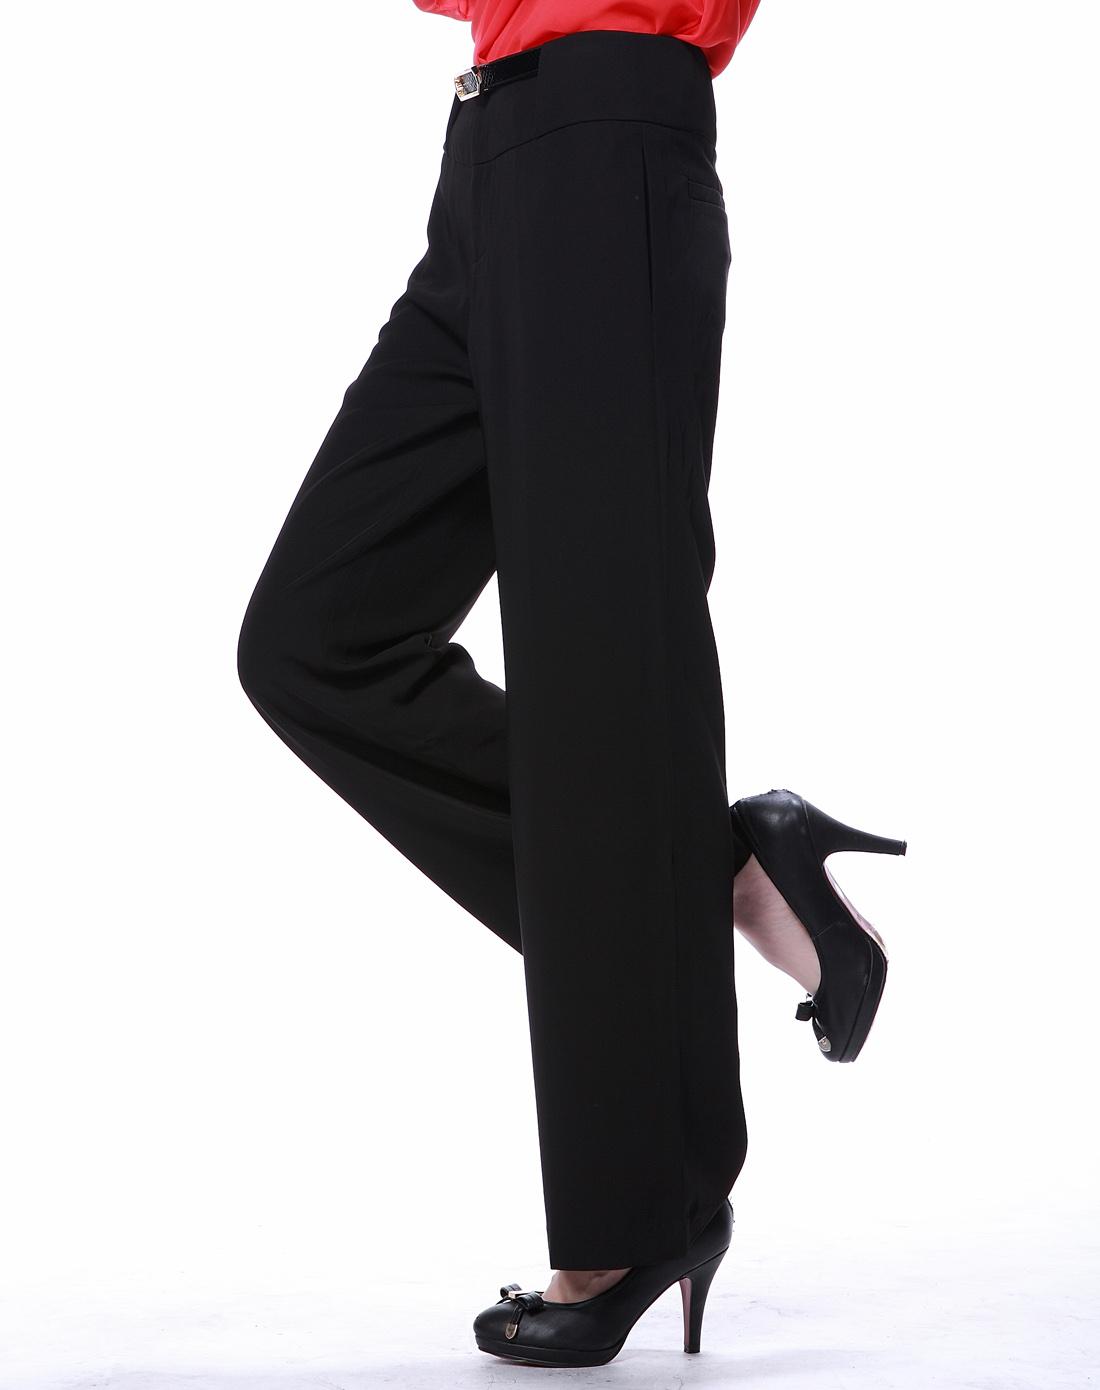 伊芙丽eifini黑色韩版修身百搭阔腿裤1215098黑色